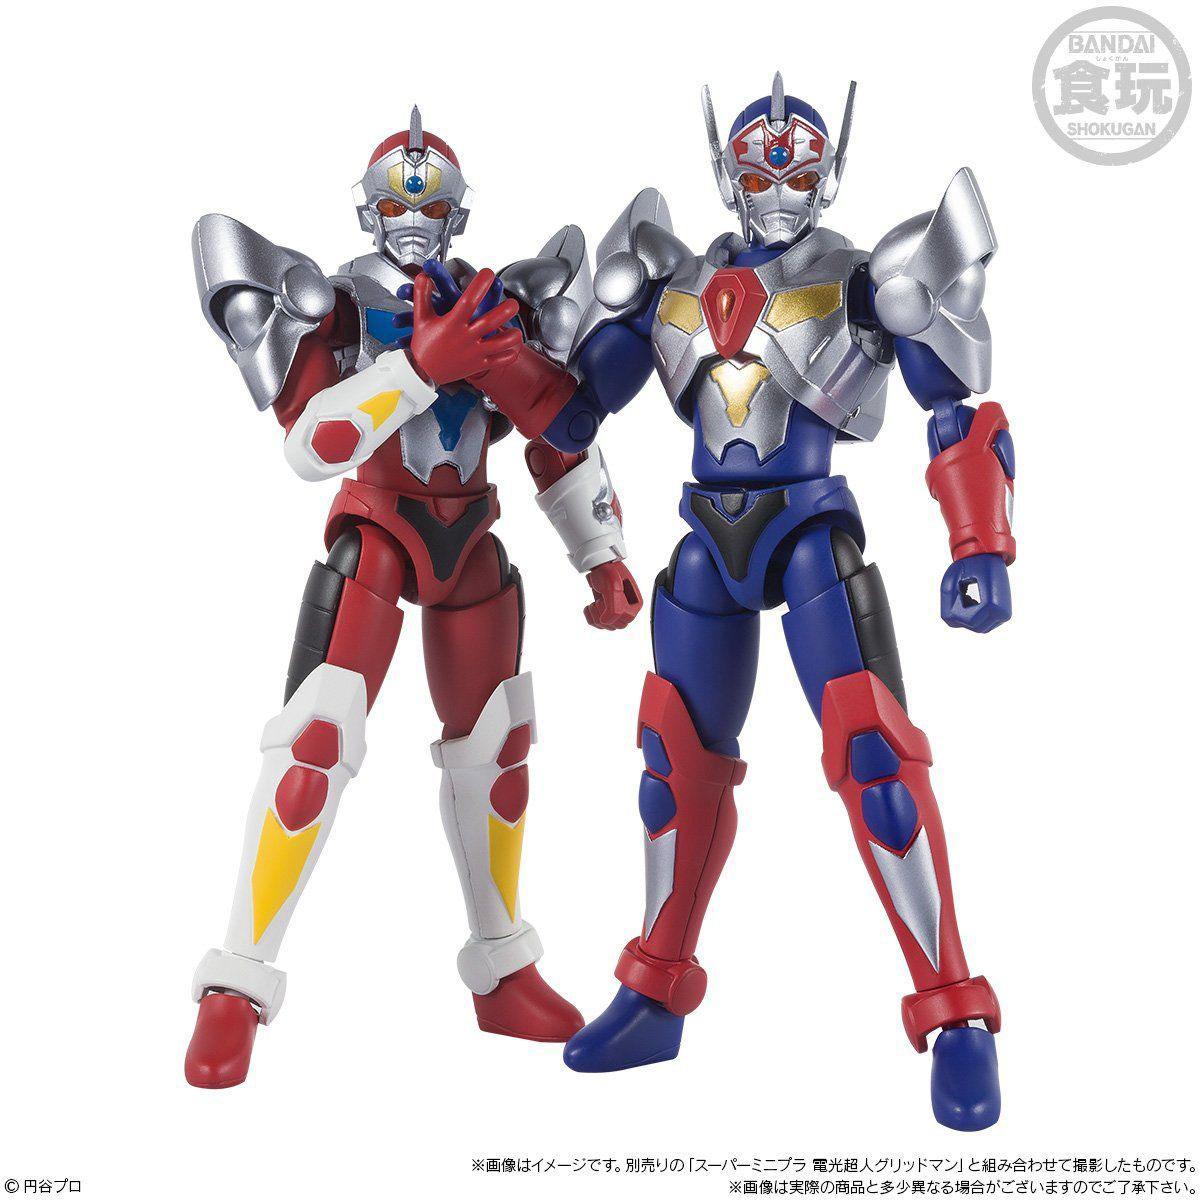 【食玩】スーパーミニプラ『ダイナドラゴン&グリッドマンシグマ セット』電光超人グリッドマン プラモデル-004